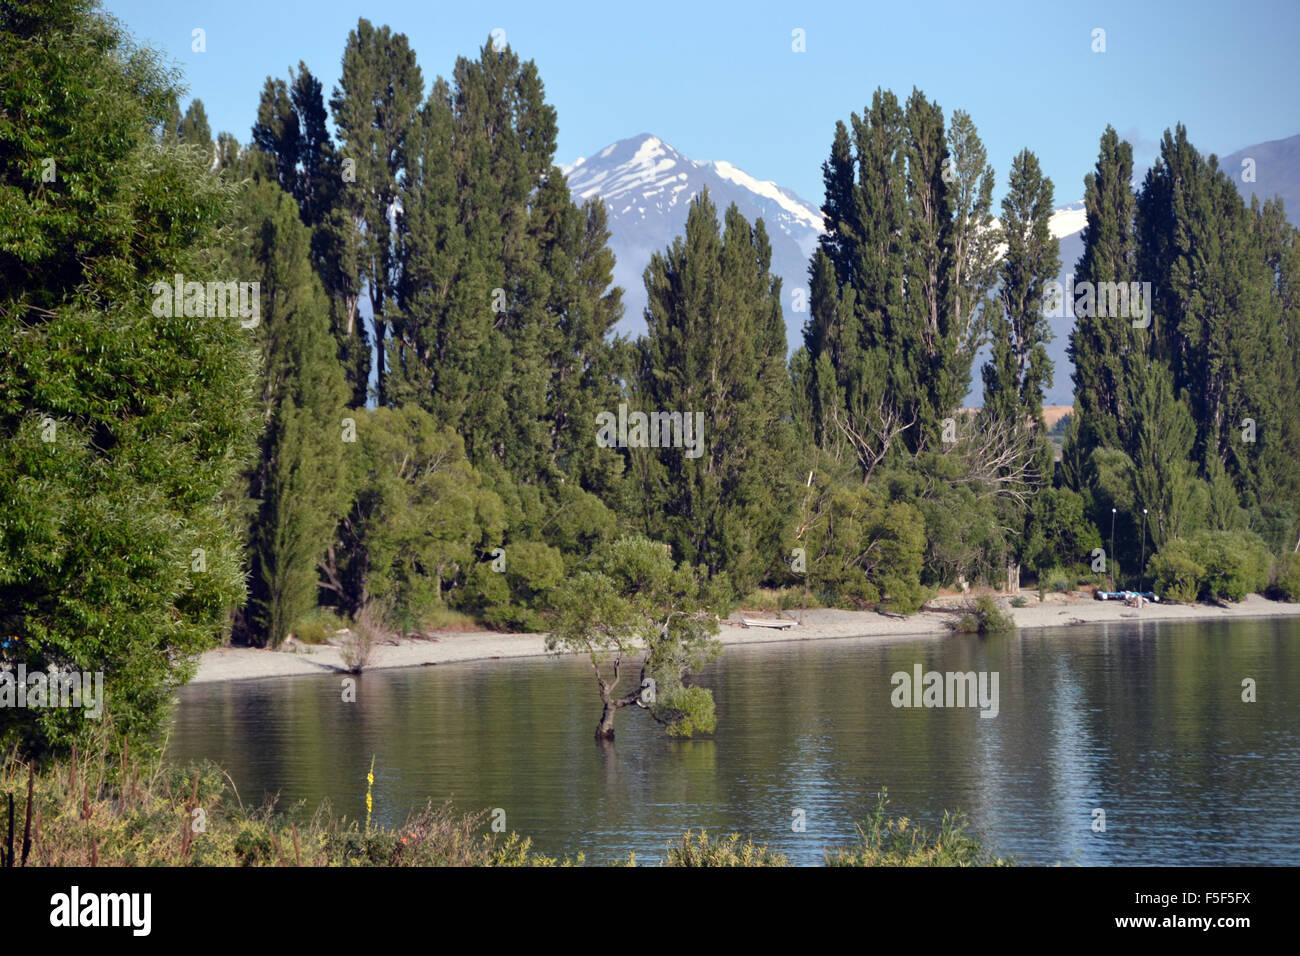 Lake Wanaka shore and 'That Wanaka Tree', a willow tree that is the landmark of Wanaka, South Island, New - Stock Image